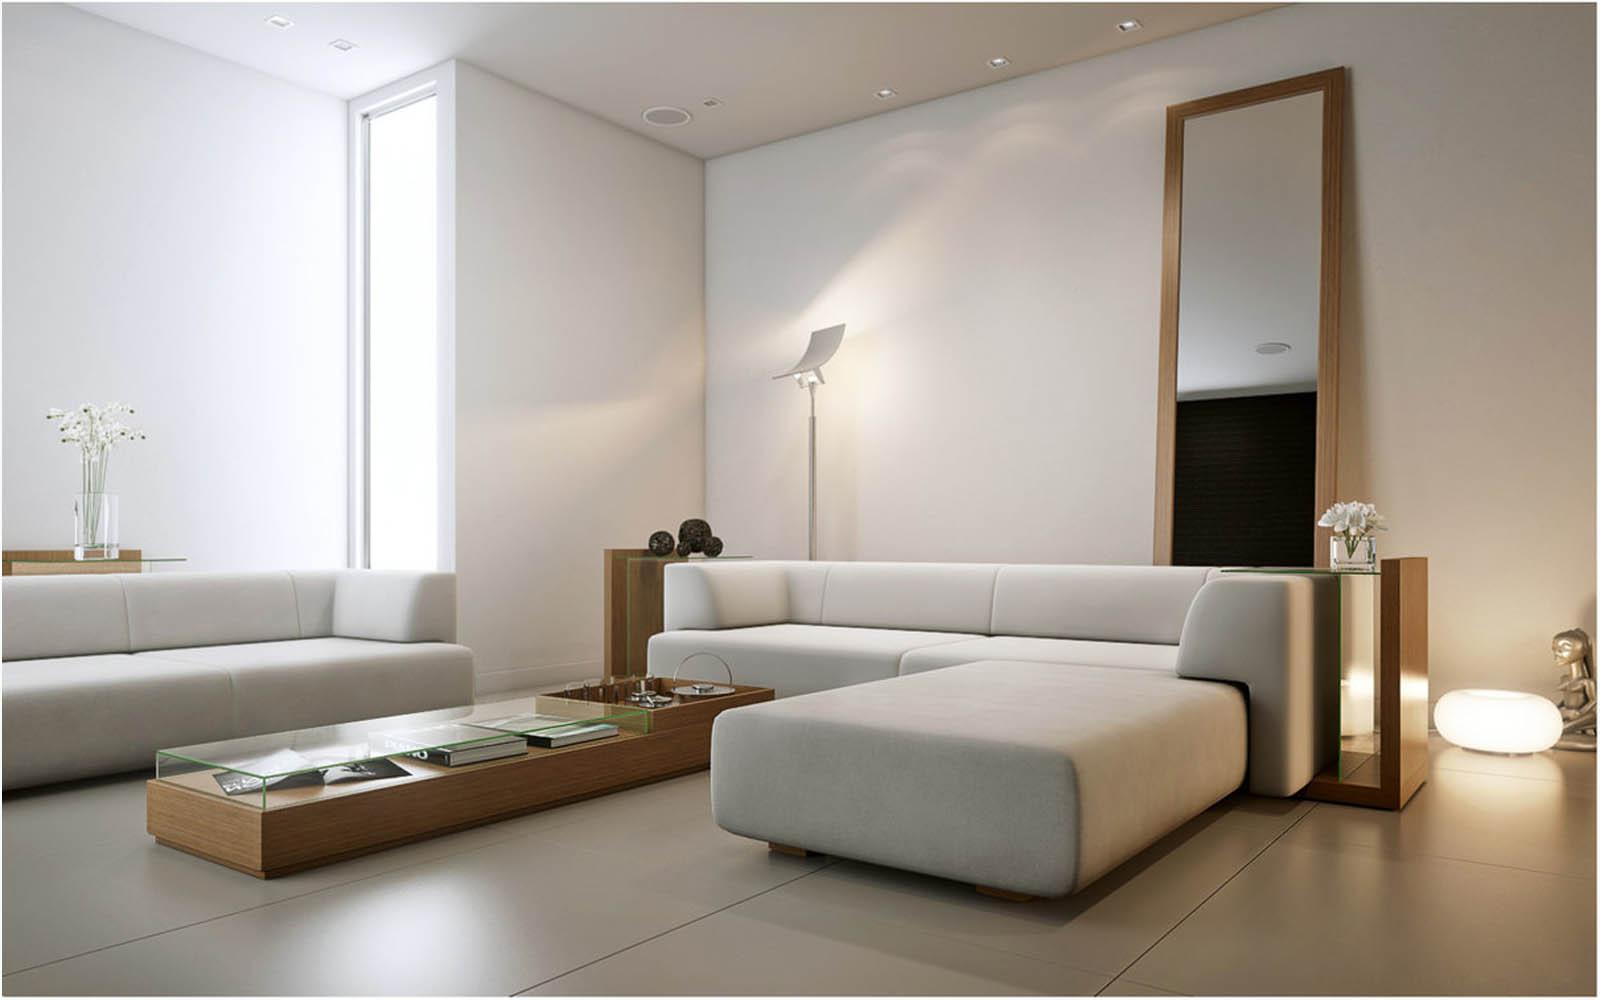 http://3.bp.blogspot.com/-RUJS9B4bslQ/UKpBRp_sJFI/AAAAAAAANu4/i93NgRFPS8s/s1600/Modern+Living+Room+Photos+05.jpg